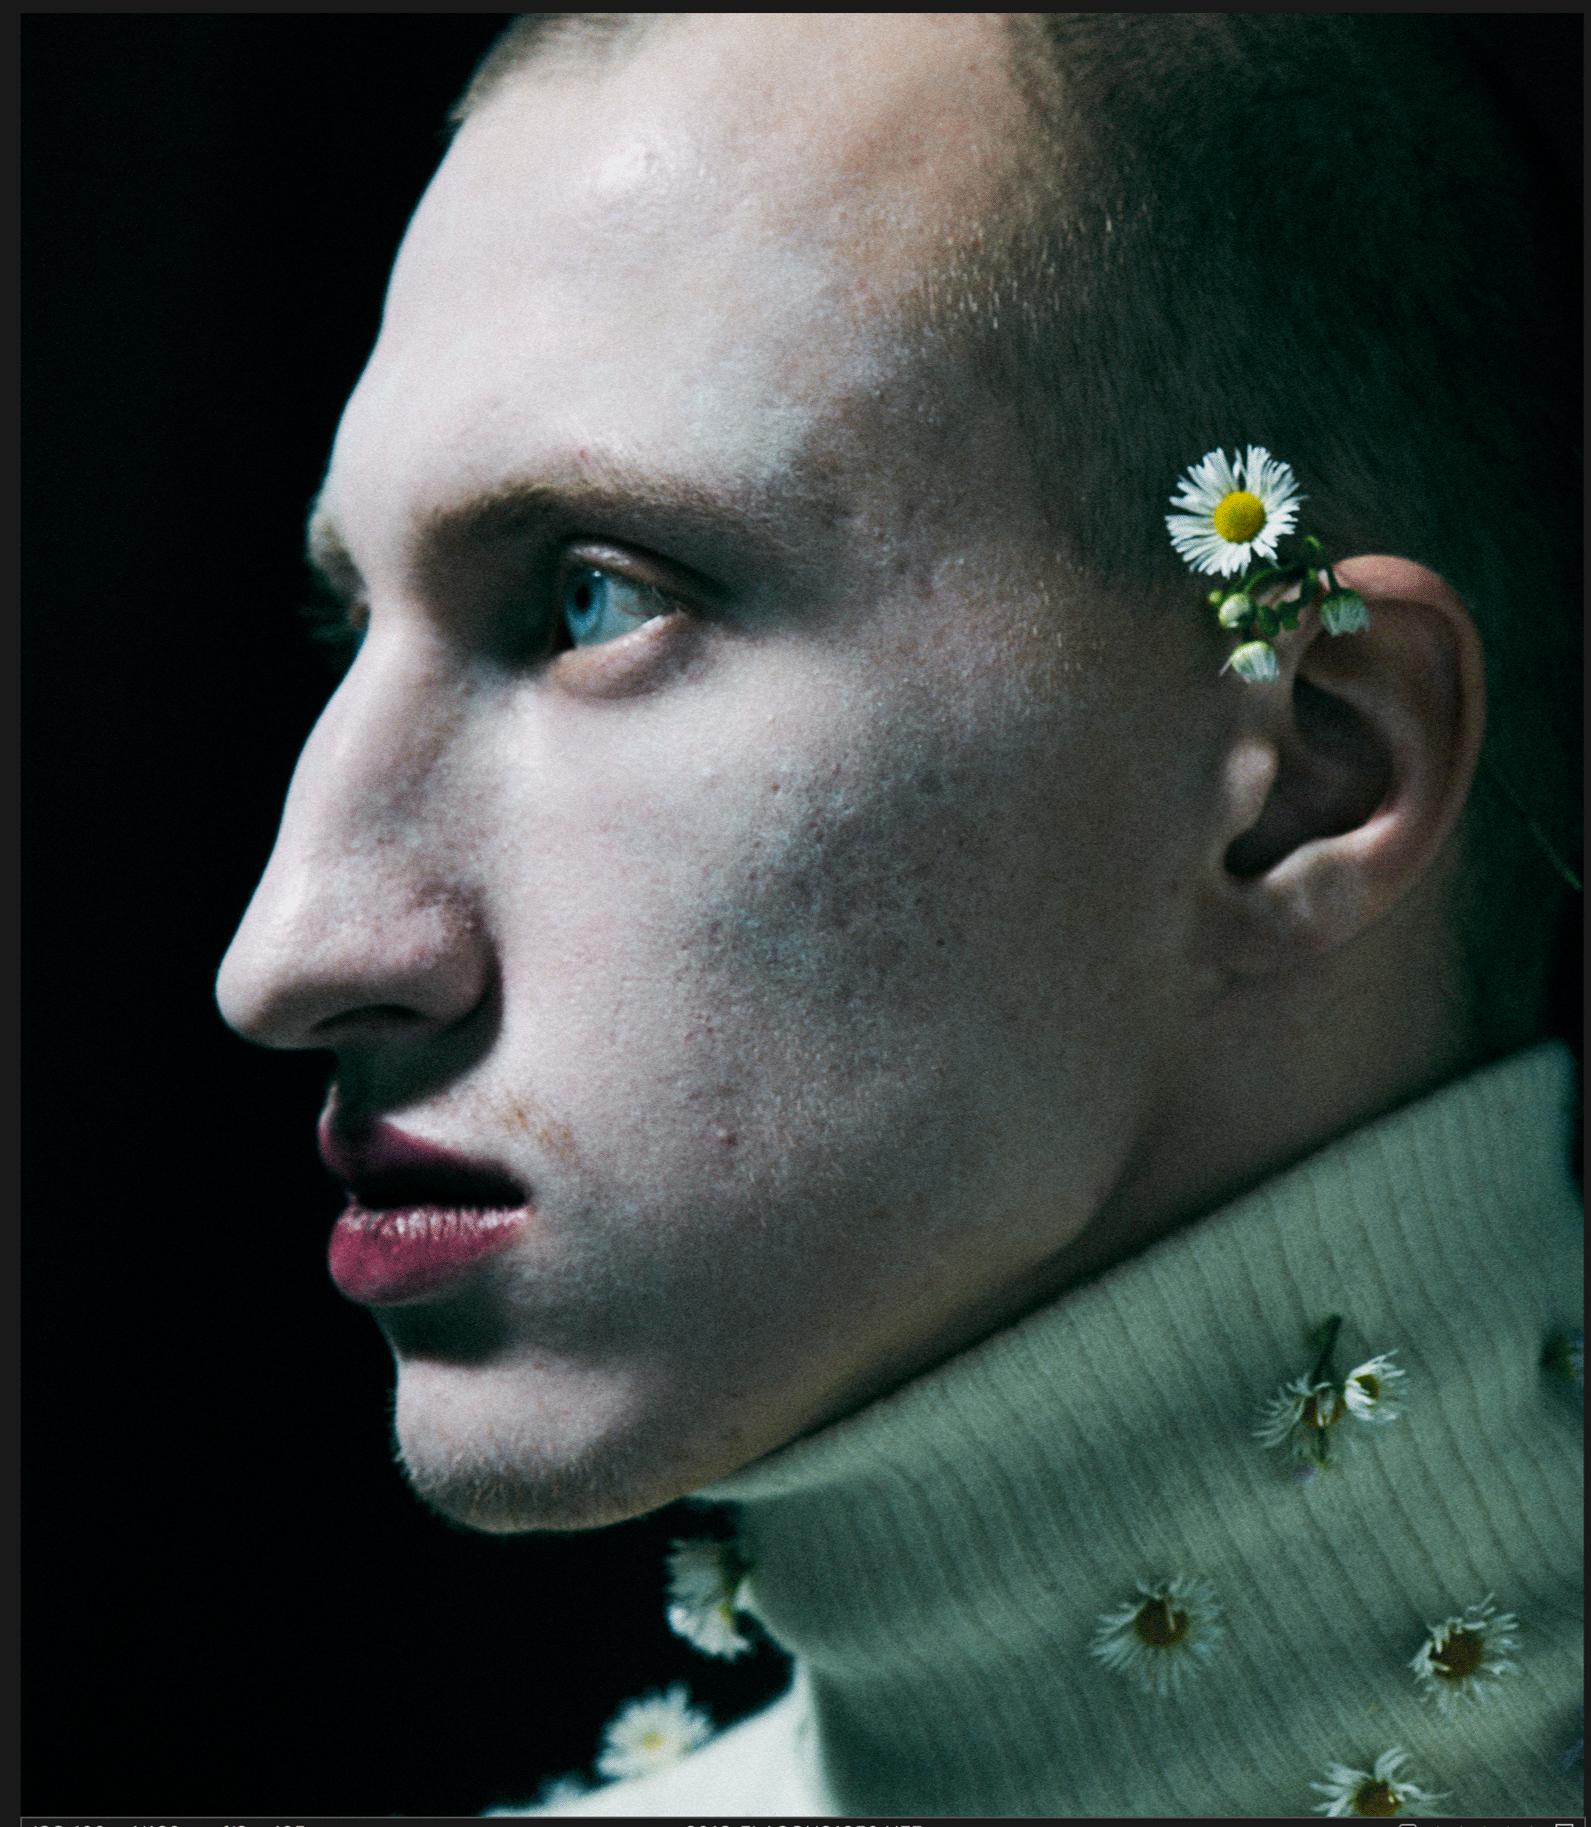 Съемка мужчин в макияже